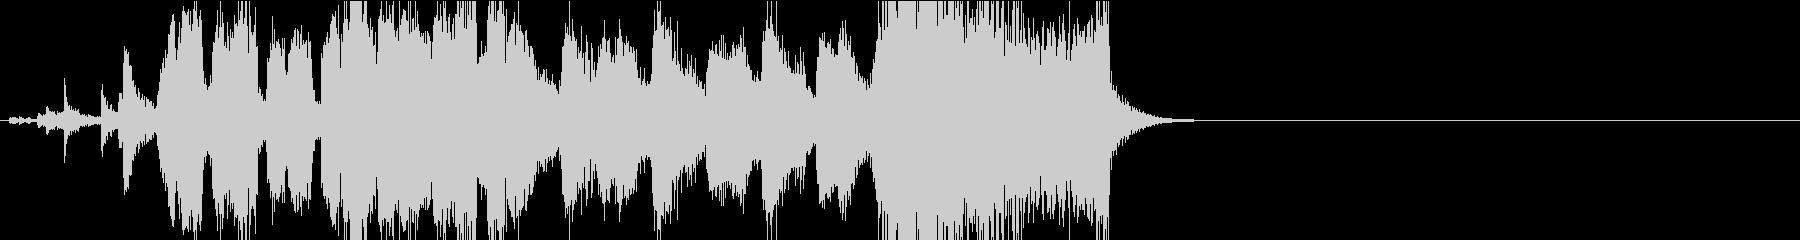 ジャズビックバンドのジングルの未再生の波形